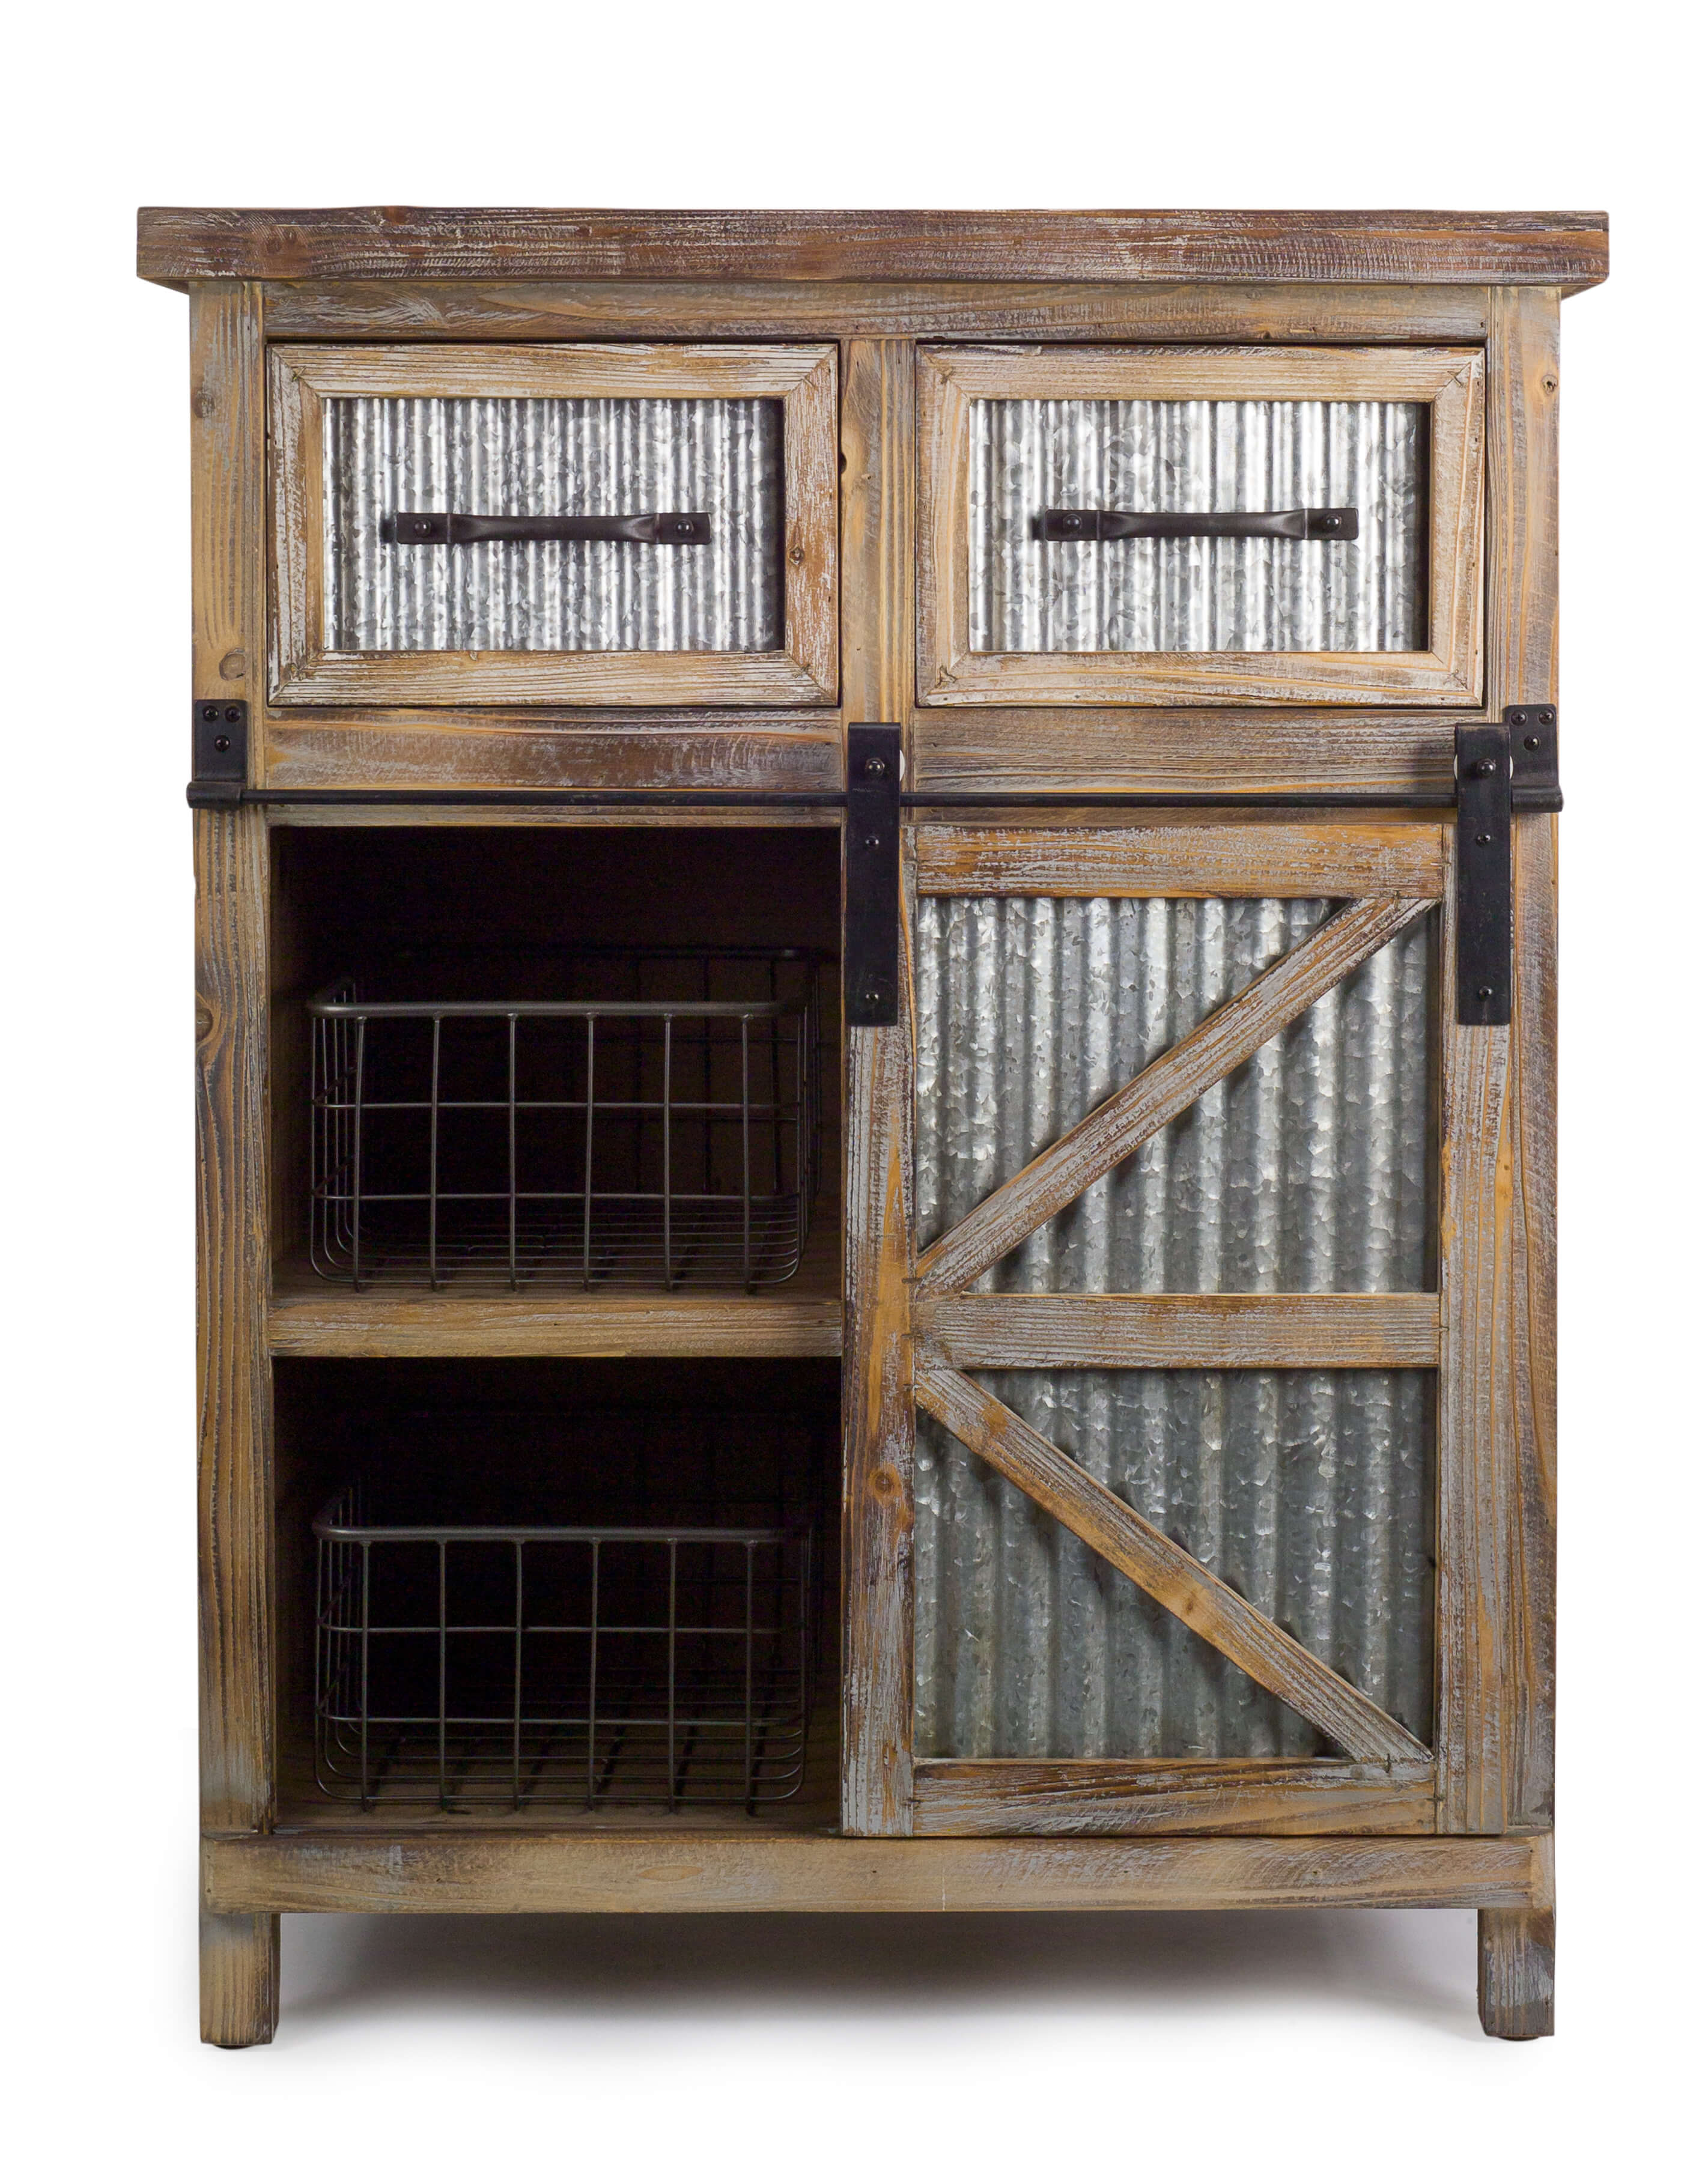 Armoire Comptoir De Famille farmhouse cabinet w/baskets